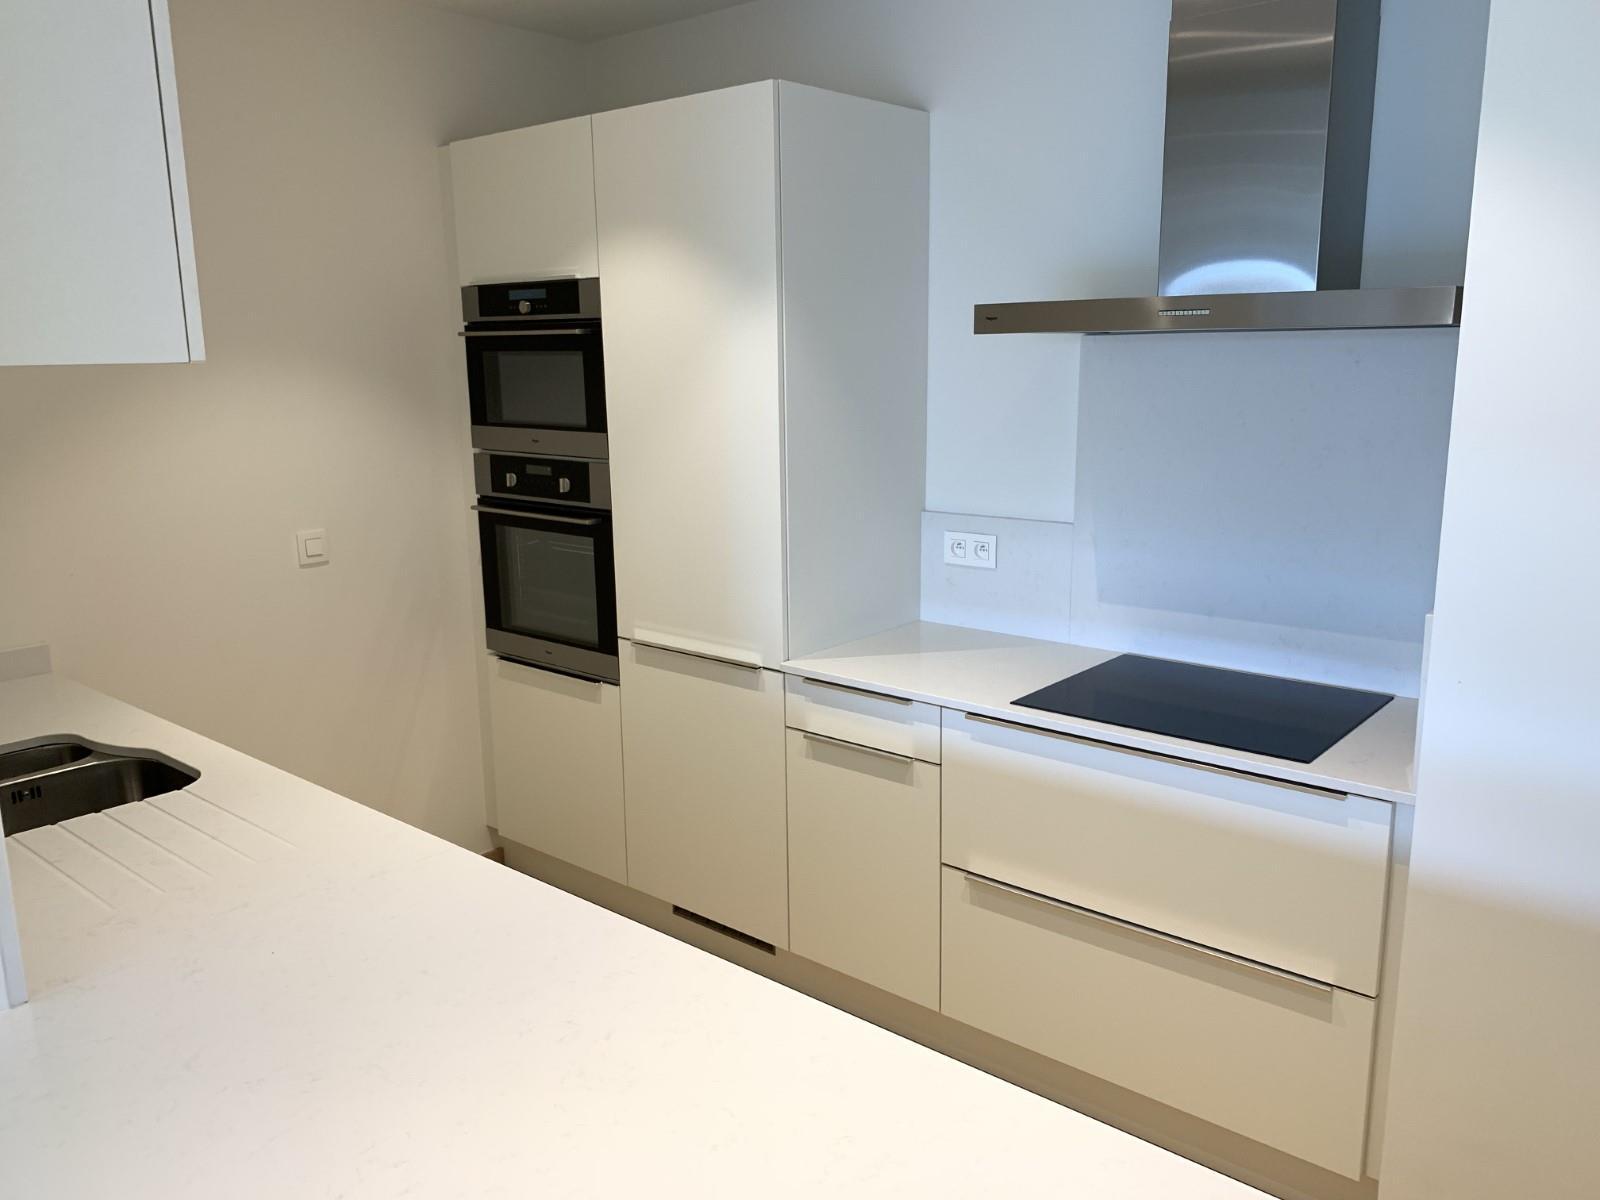 Appartement exceptionnel - Ixelles - #3929618-7